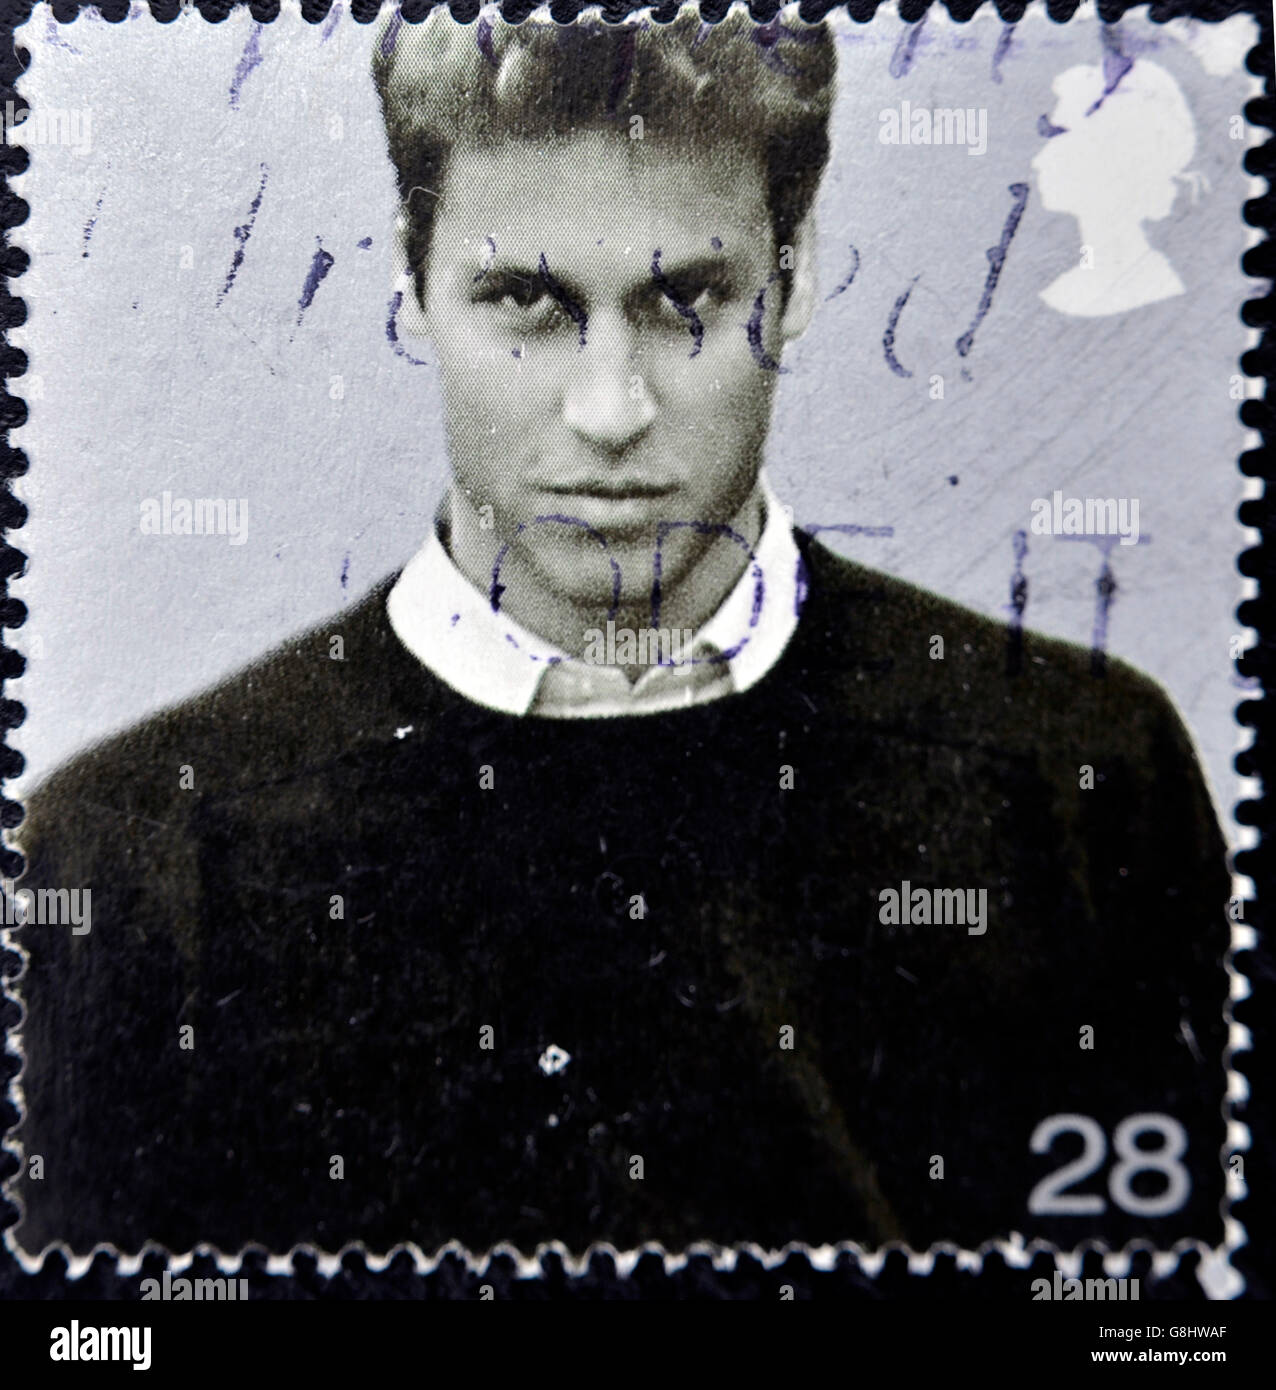 Royaume-uni - circa 2003: timbre imprimé en Grande-Bretagne montre Prince William de Galles, vers 2003 Banque D'Images